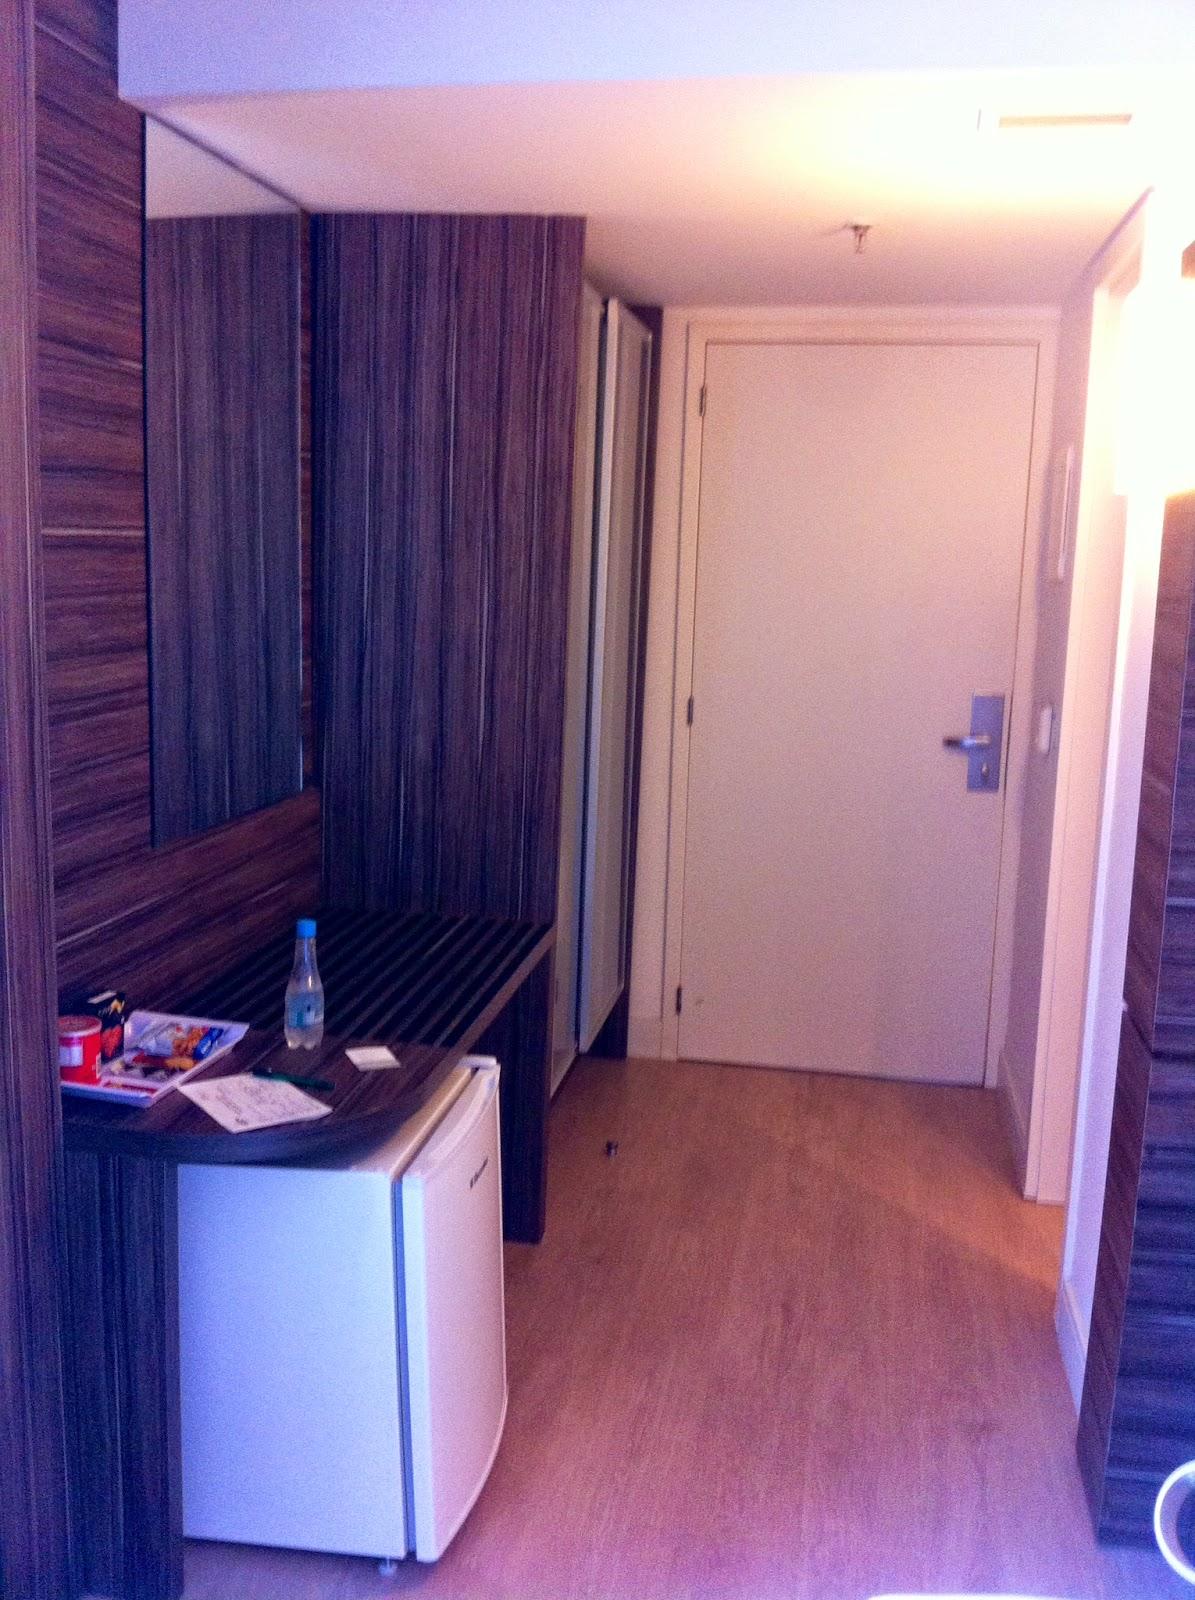 image%2B(1) - Hotel super recomendado! Laghetto Viverone Moinhos - Porto Alegre/RS